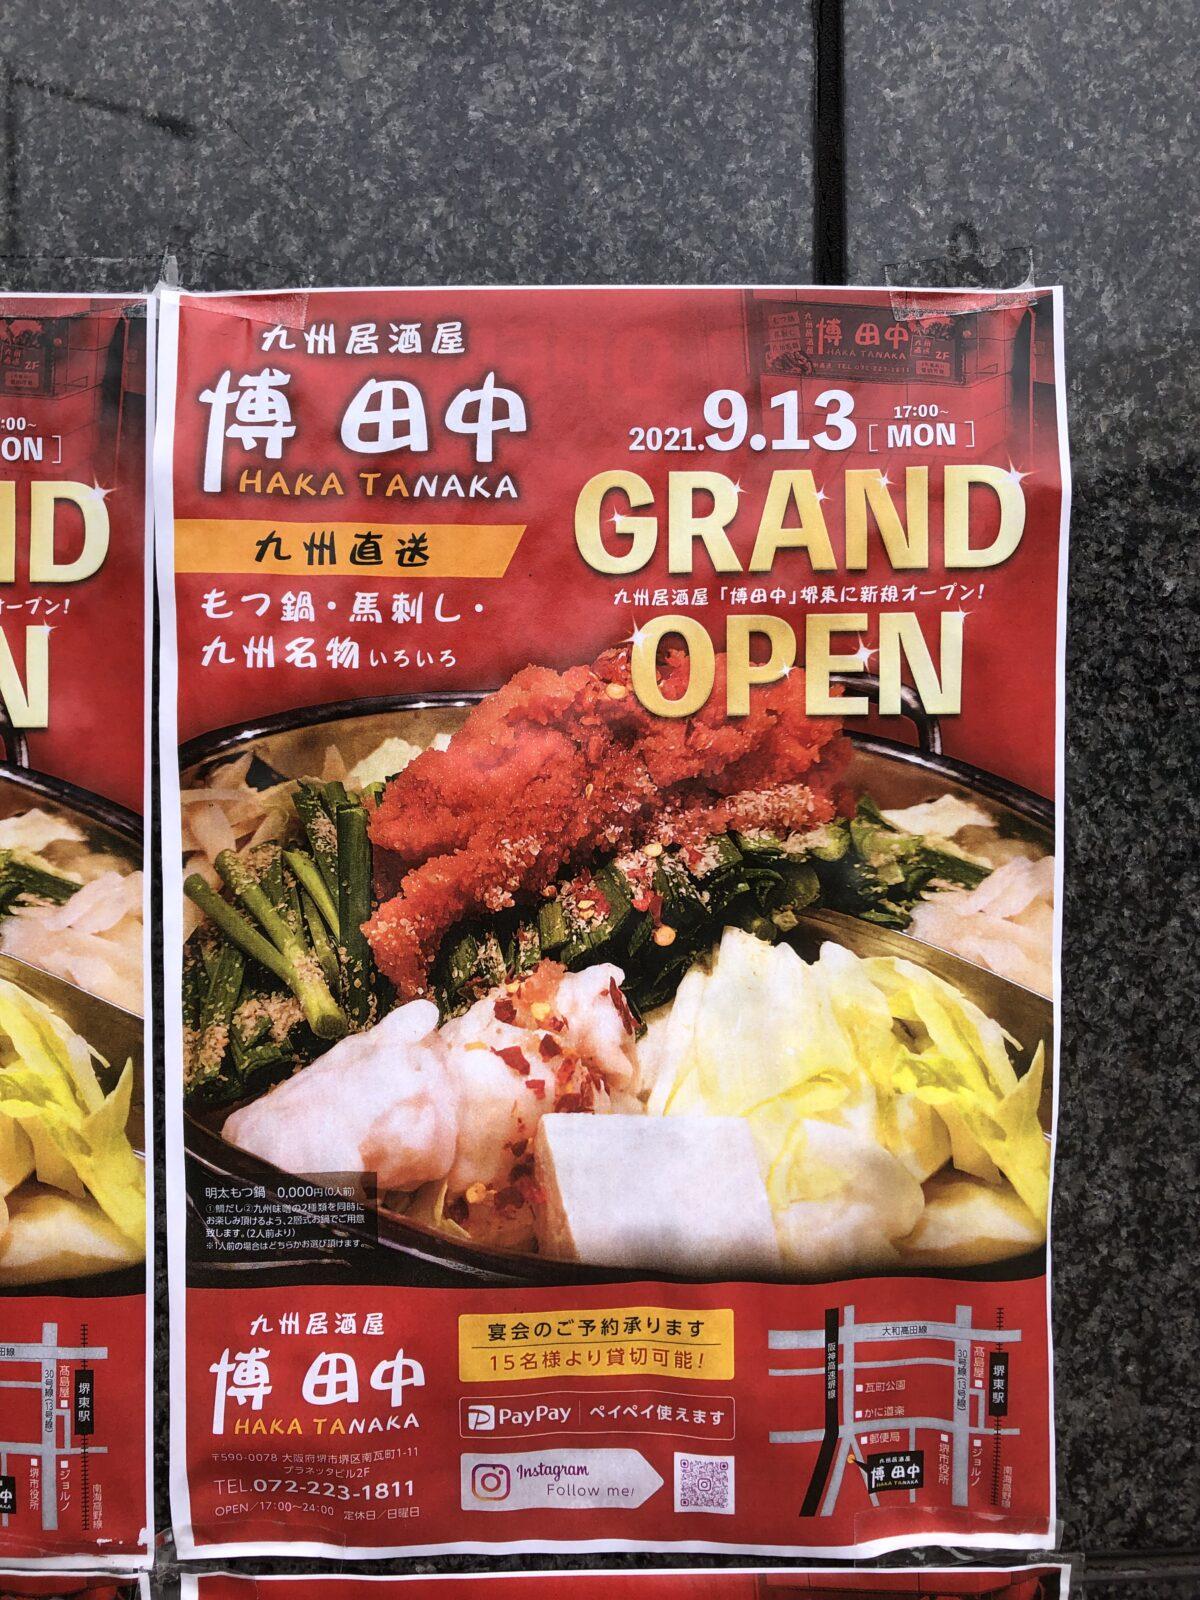 【祝オープン】堺東に本日オープン!!『九州居酒屋 博 田中』で九州名物を食べ尽くそうー!!: